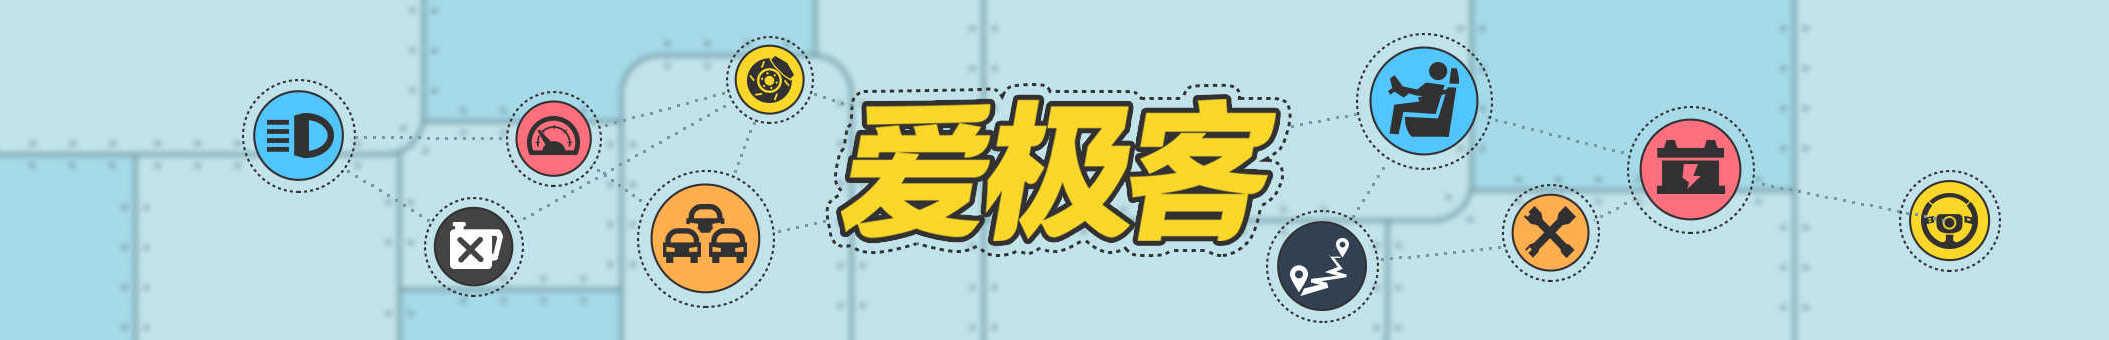 爱极客 banner